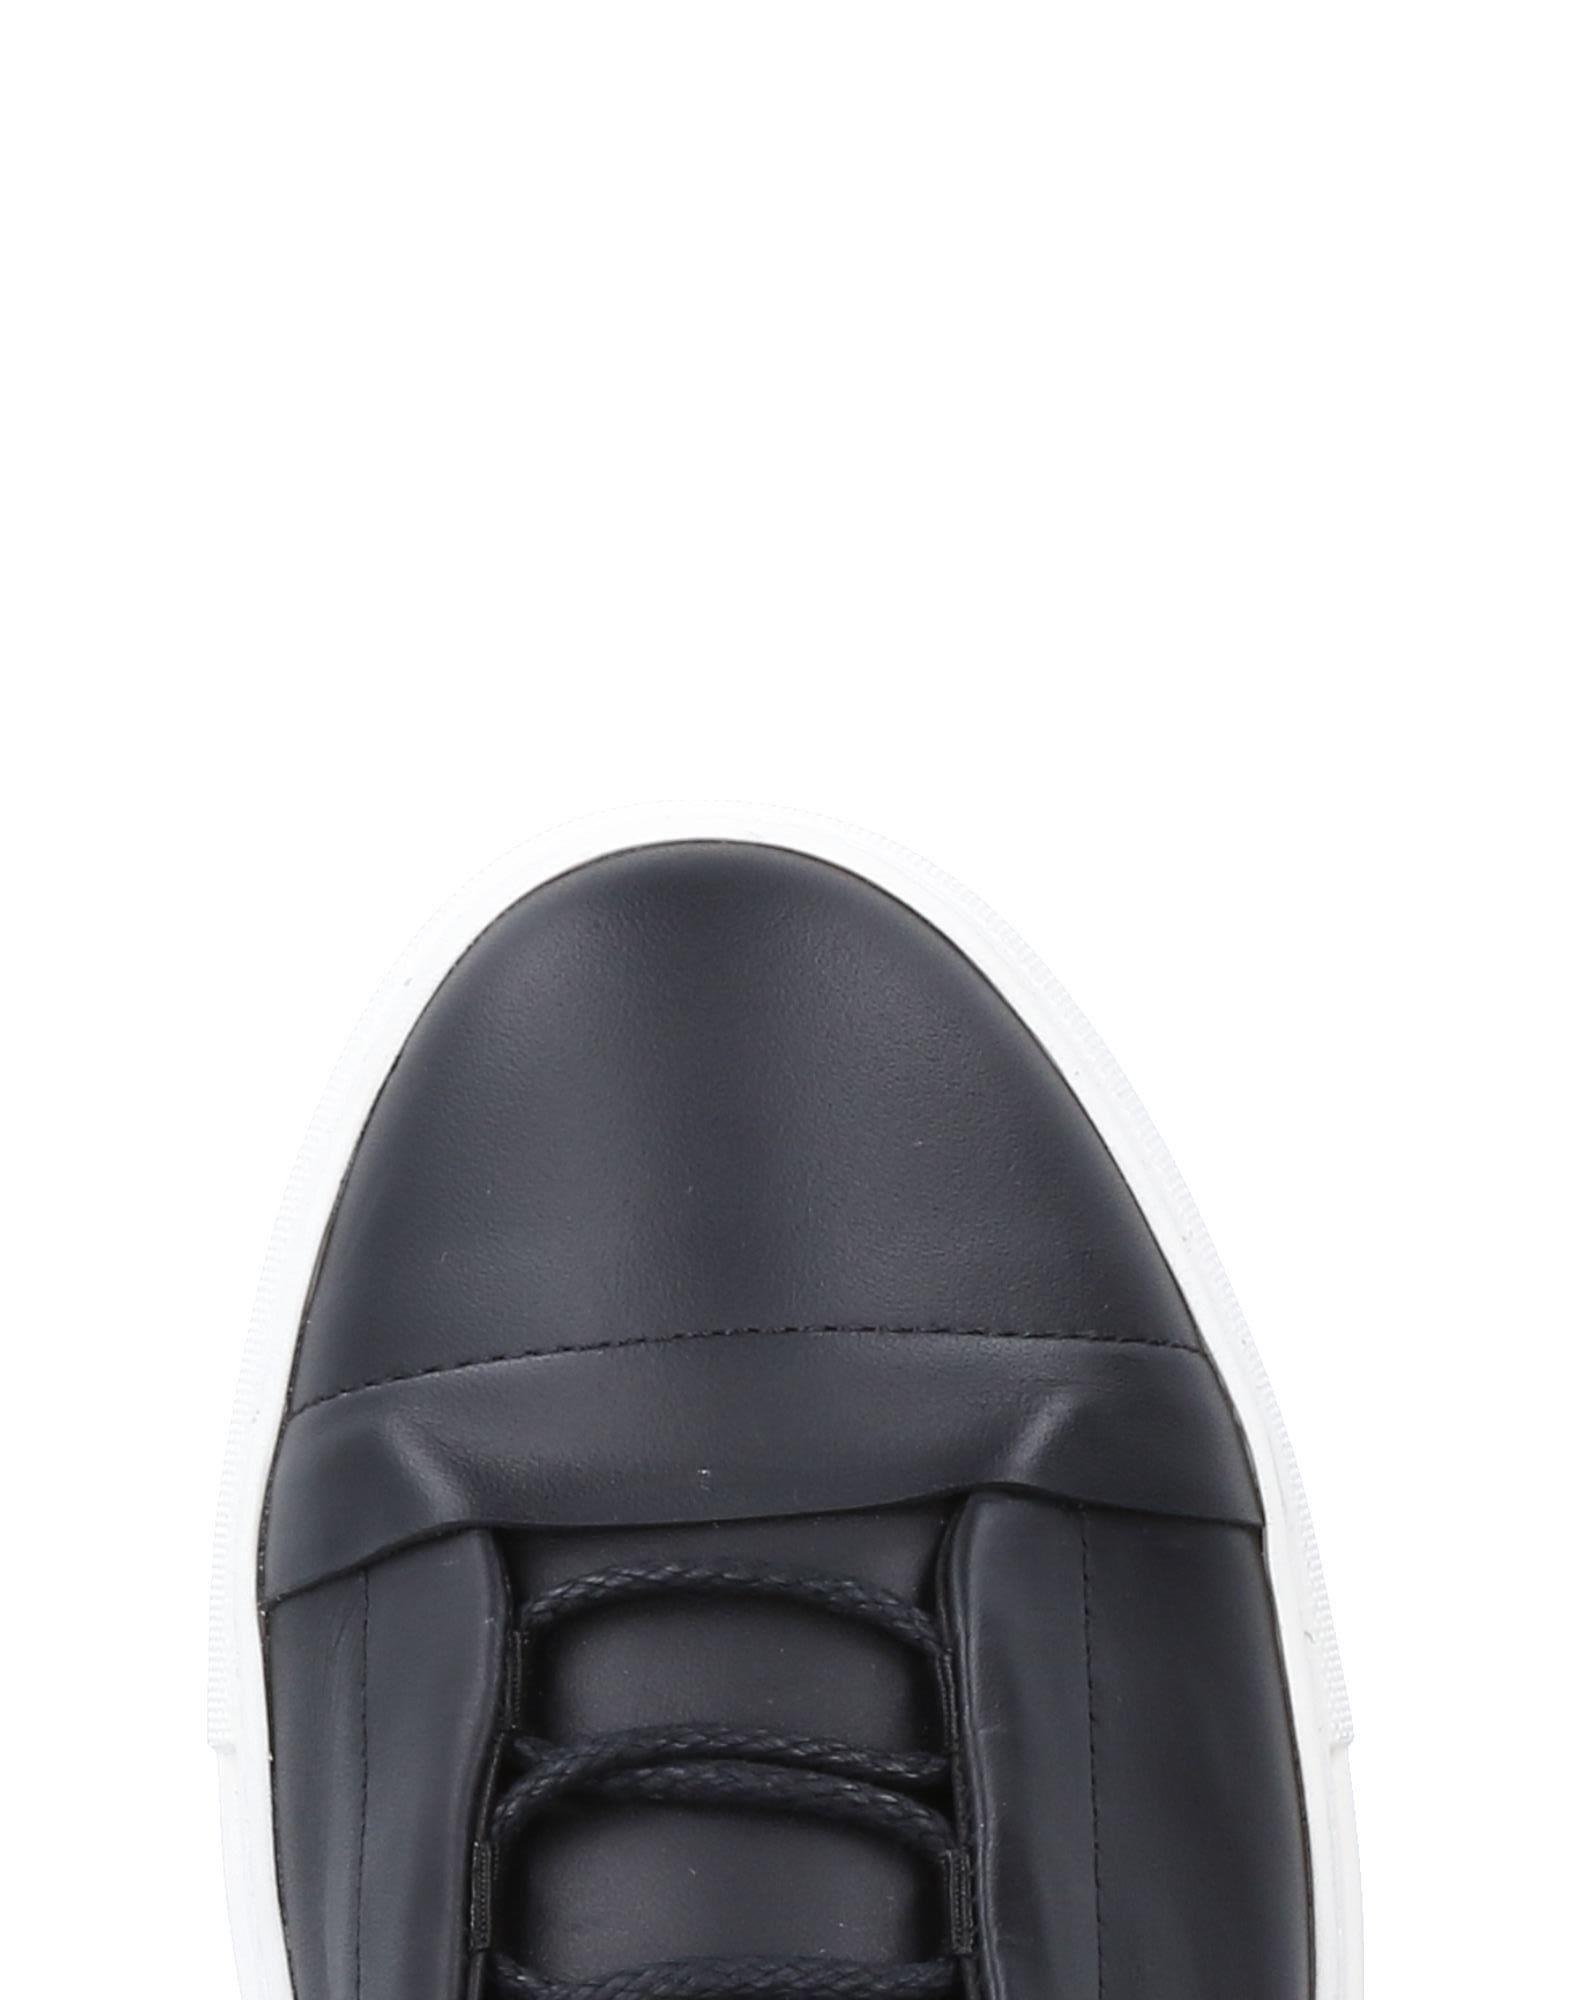 Dirk Bikkembergs Sneakers Herren  11517399VX Gute Qualität beliebte Schuhe